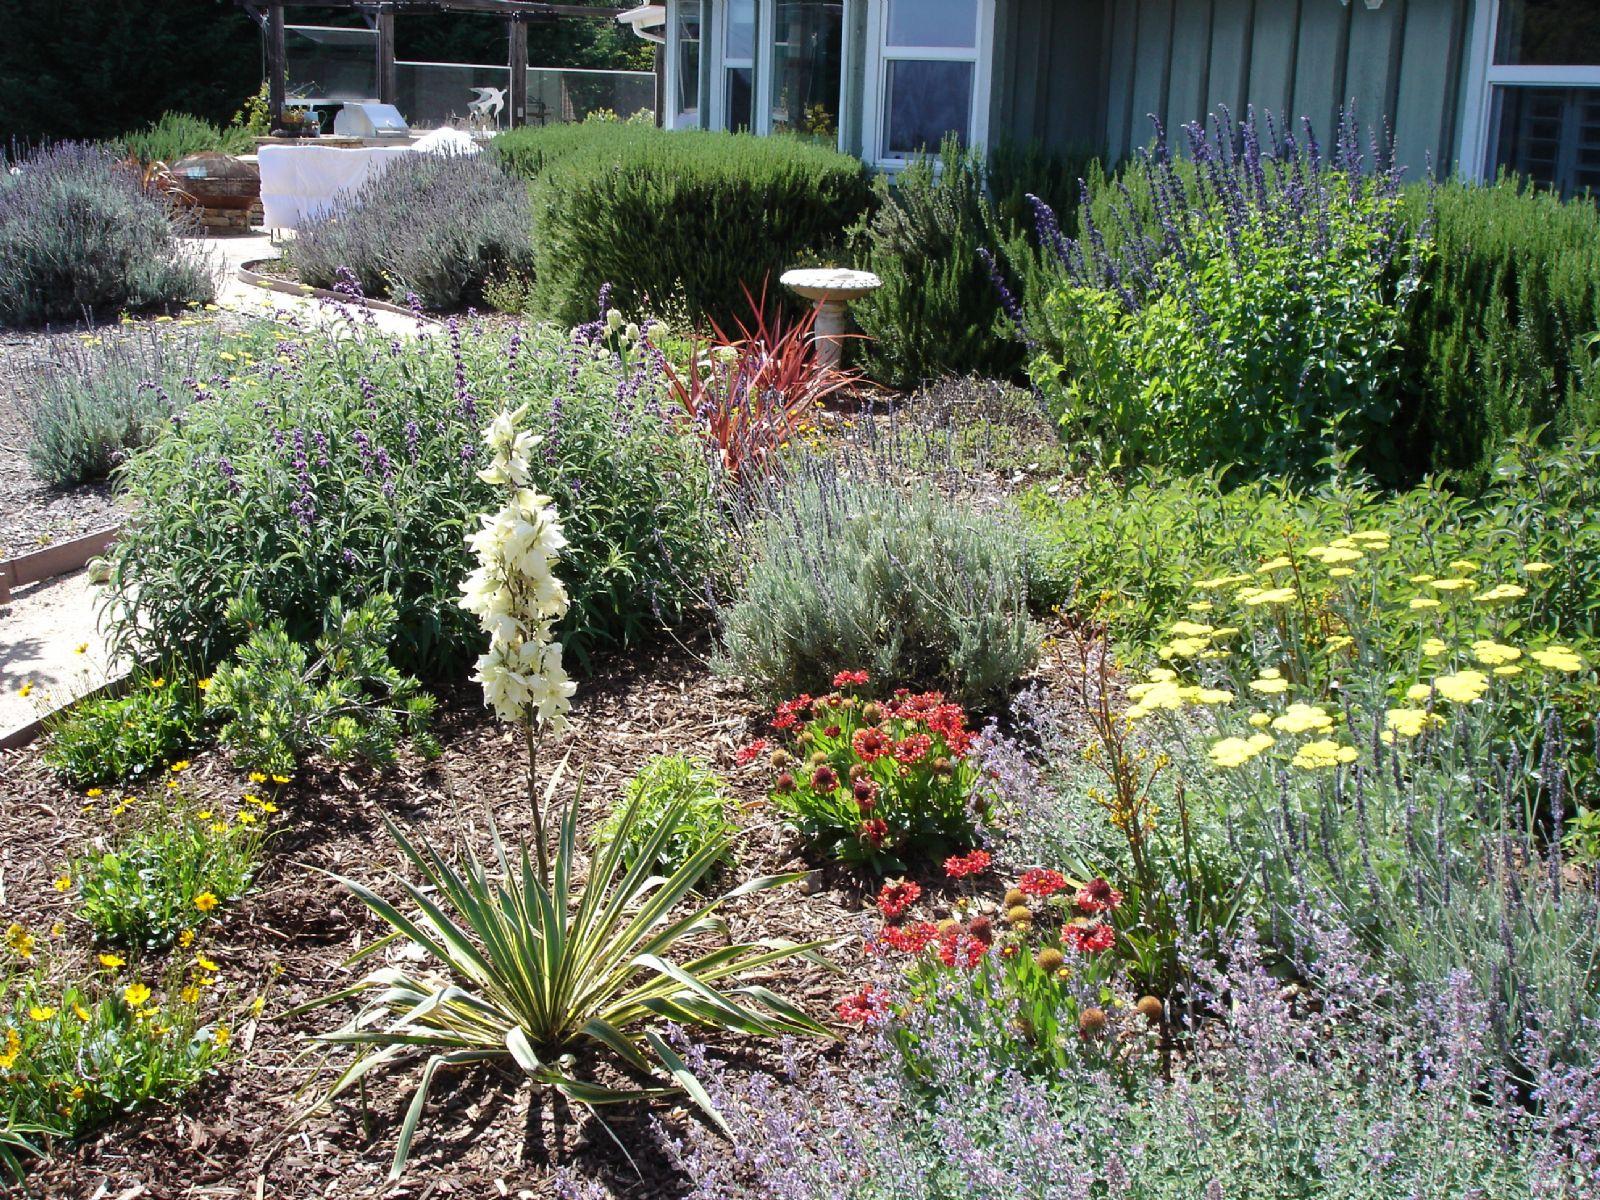 Drought Tolerant Landscape Design  High Quality Drought Landscaping Ideas 9 Drought Tolerant